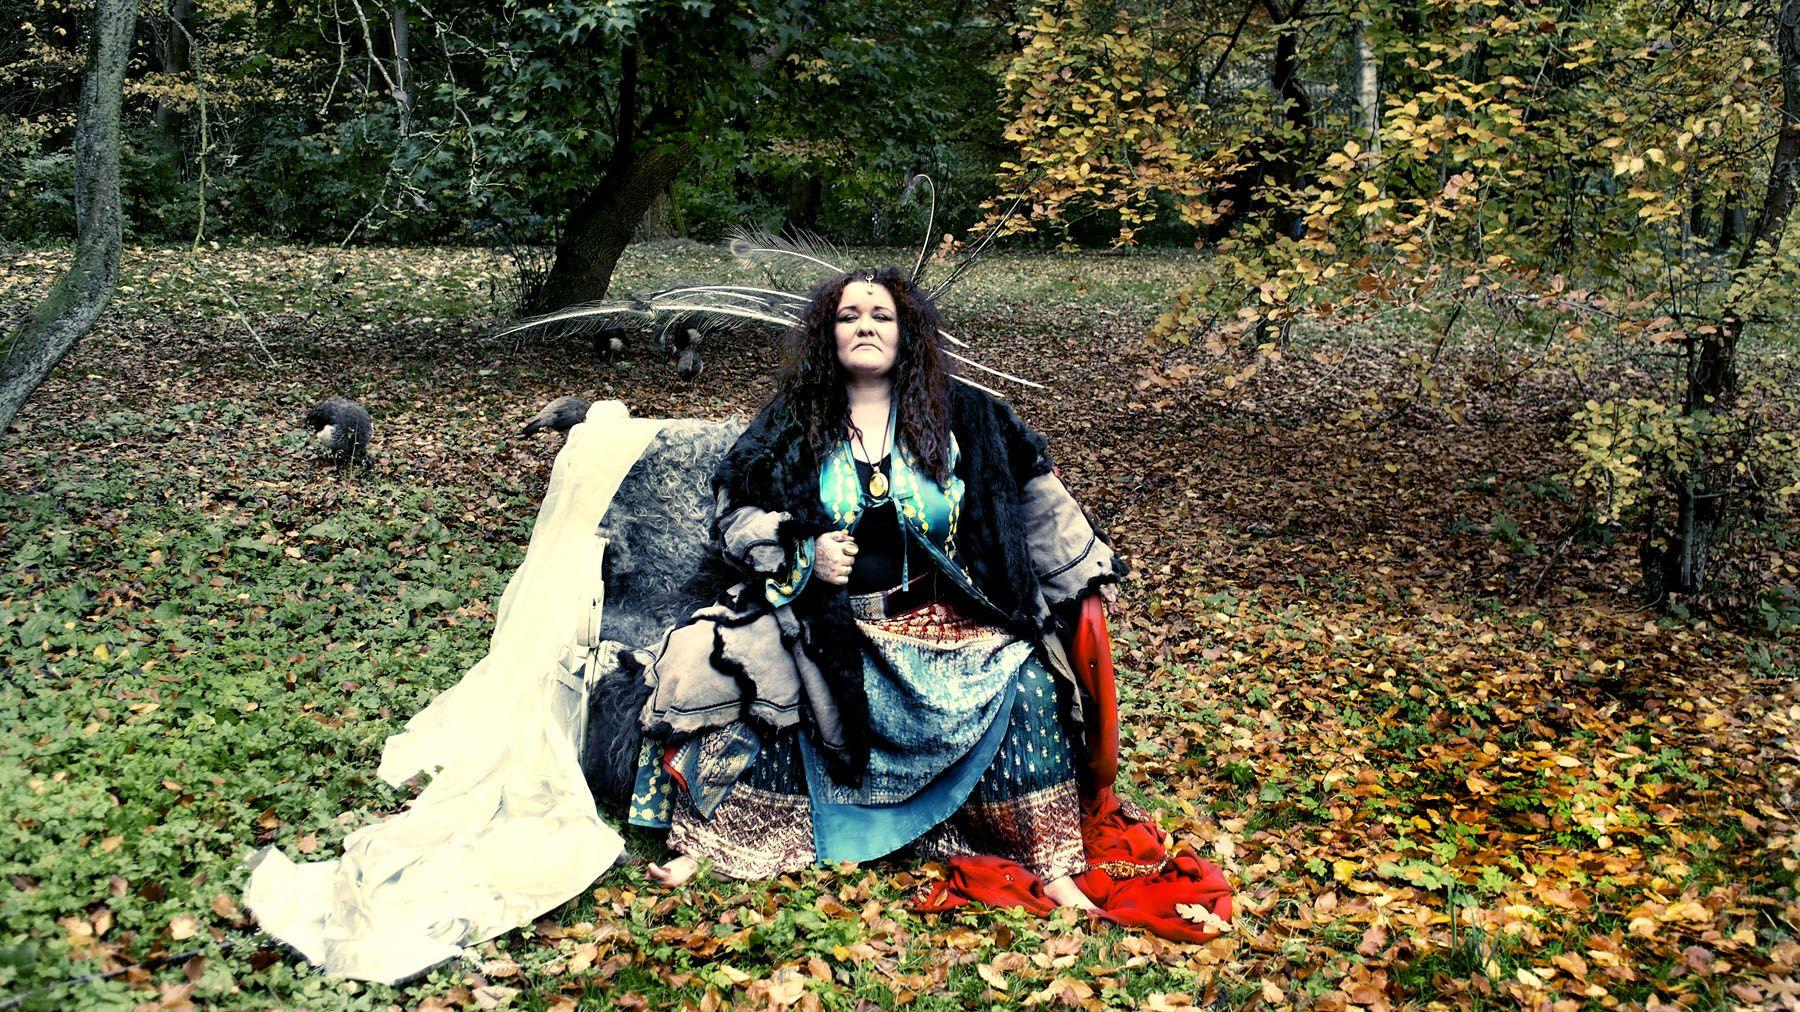 Drama, tragedier og det smukke i det brutale følger teaterinstruktør Sananda Solaris. Hun ønsker at bombardere dig med indtryk af karakterer, du ikke vidste kunne indfinde sig på de skrå brædder. Hun tipper ikke let på tå eller går uden om det kontroversielle. Ofte benytter hendes fortællinger gamle mytiske, fremmede eller glemte tragedier og sagn…